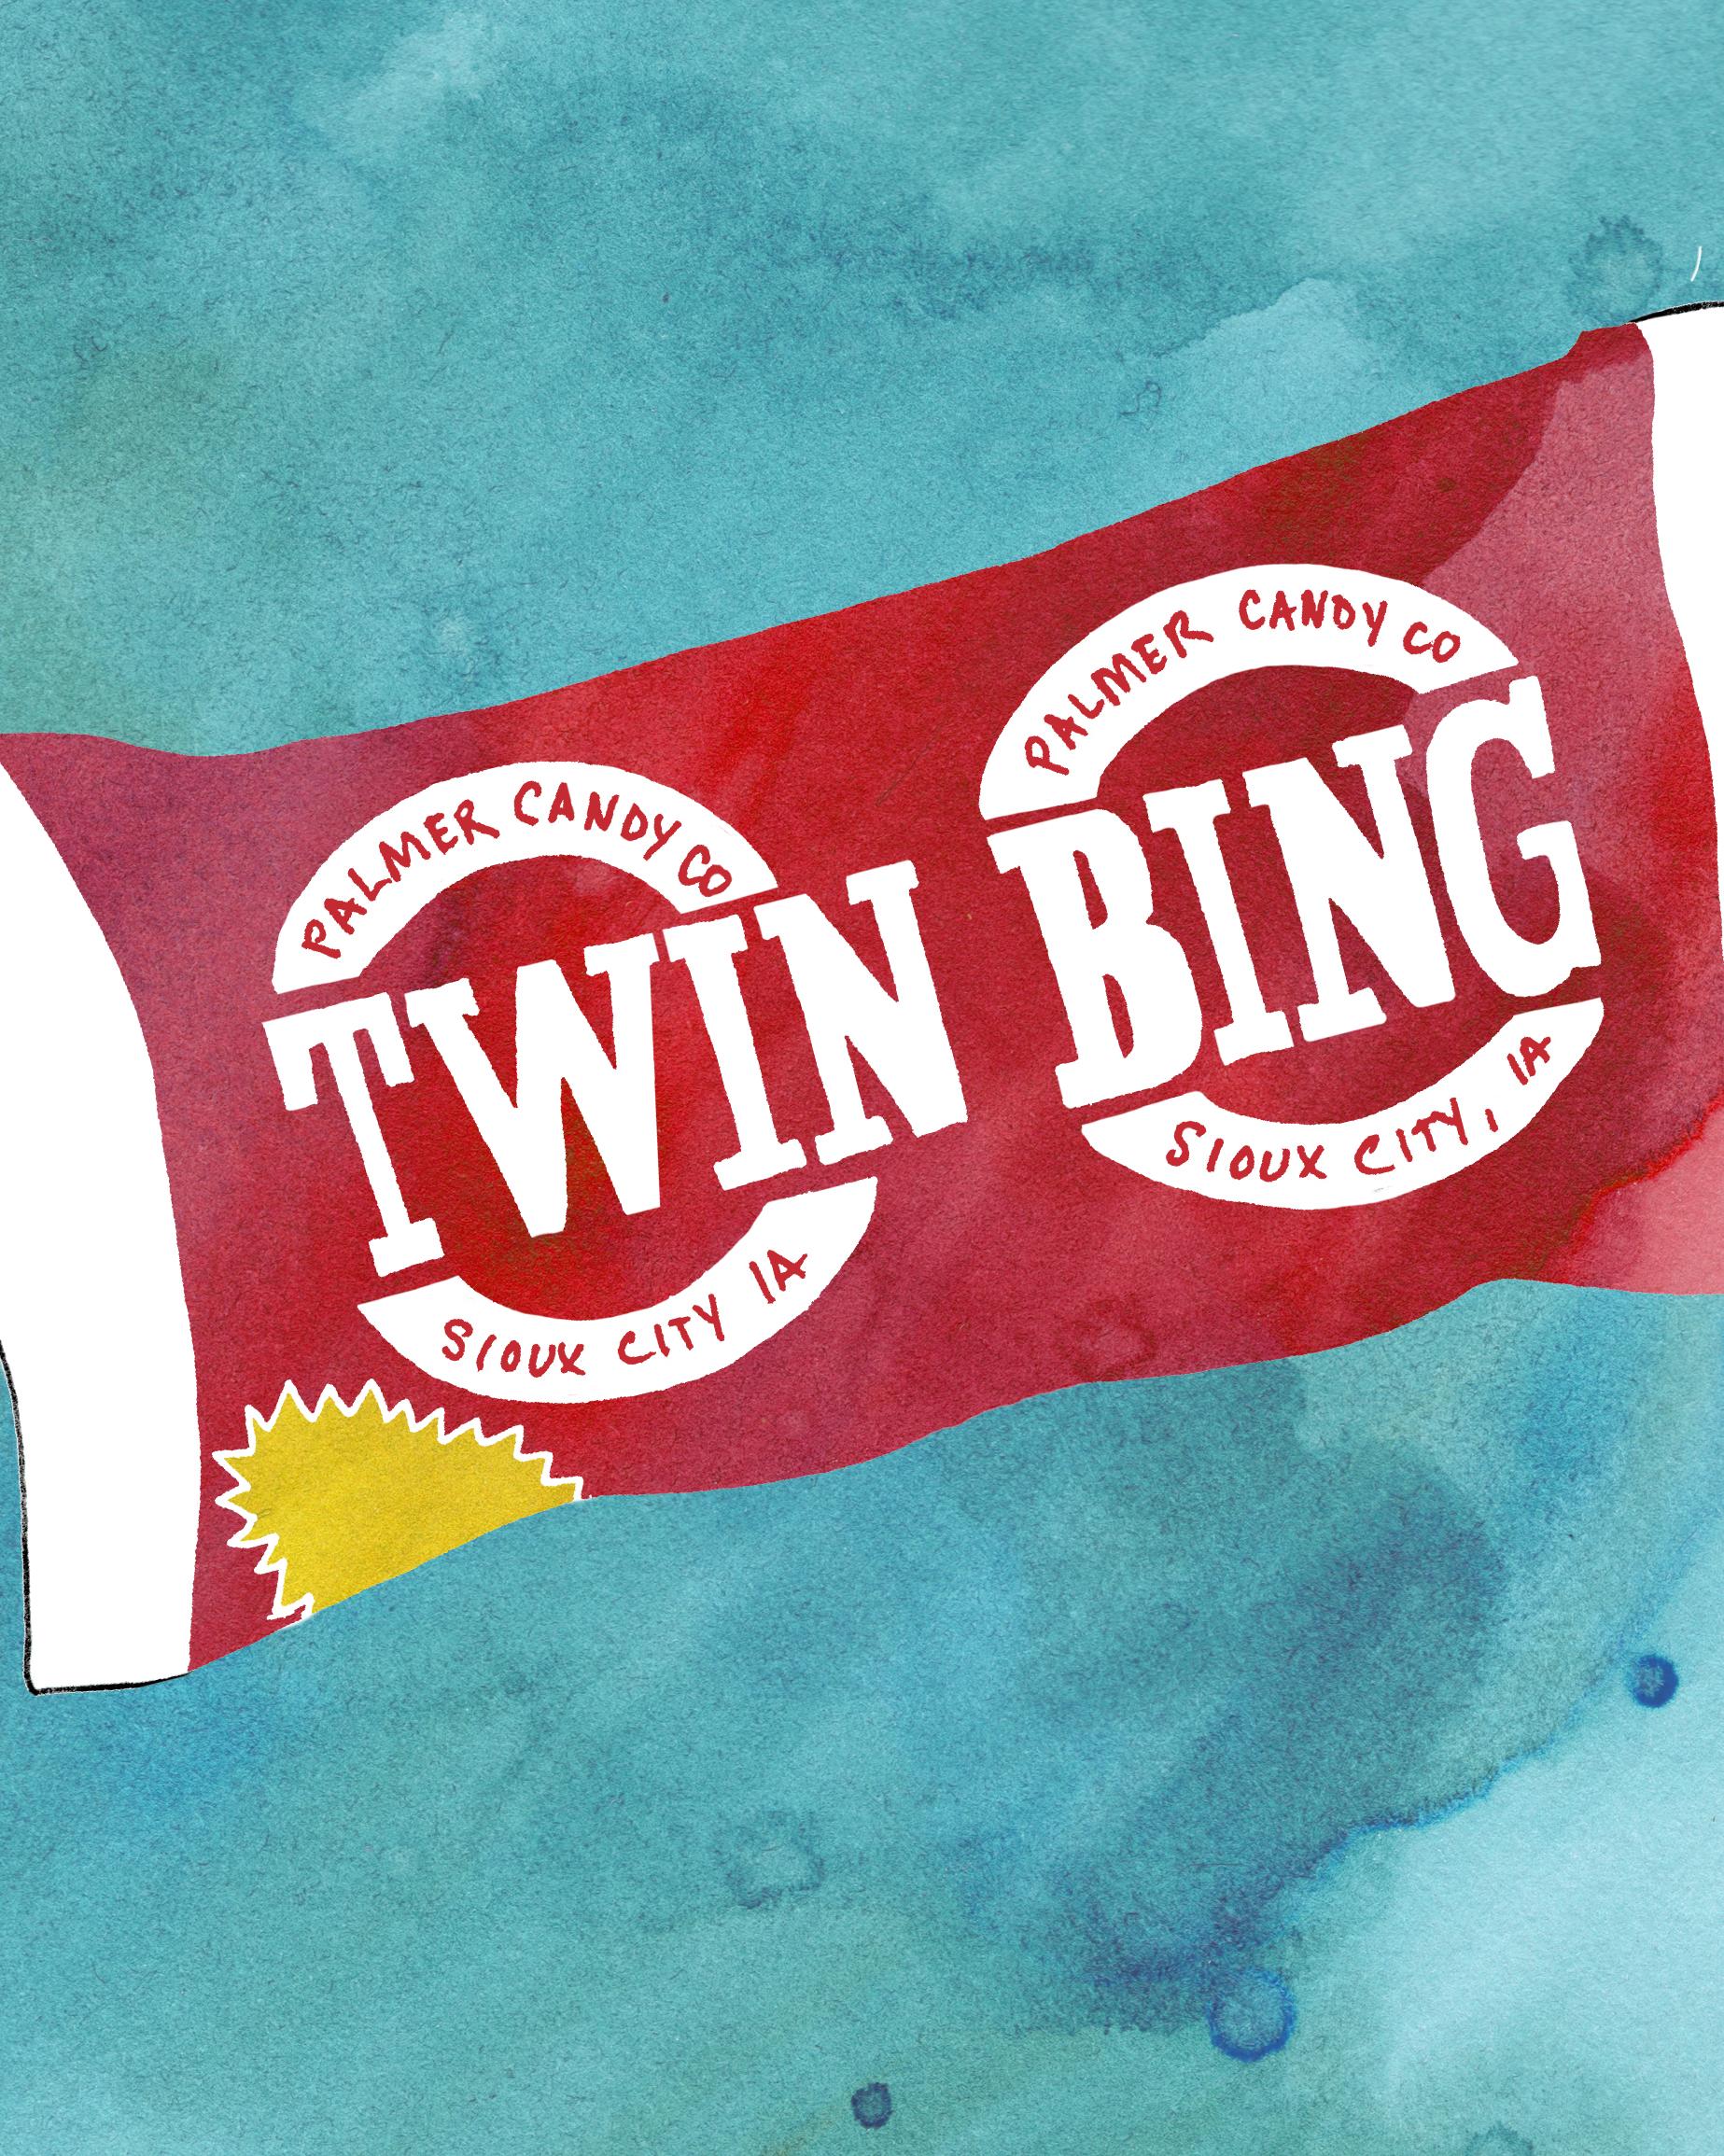 twinbing_4x5.jpg